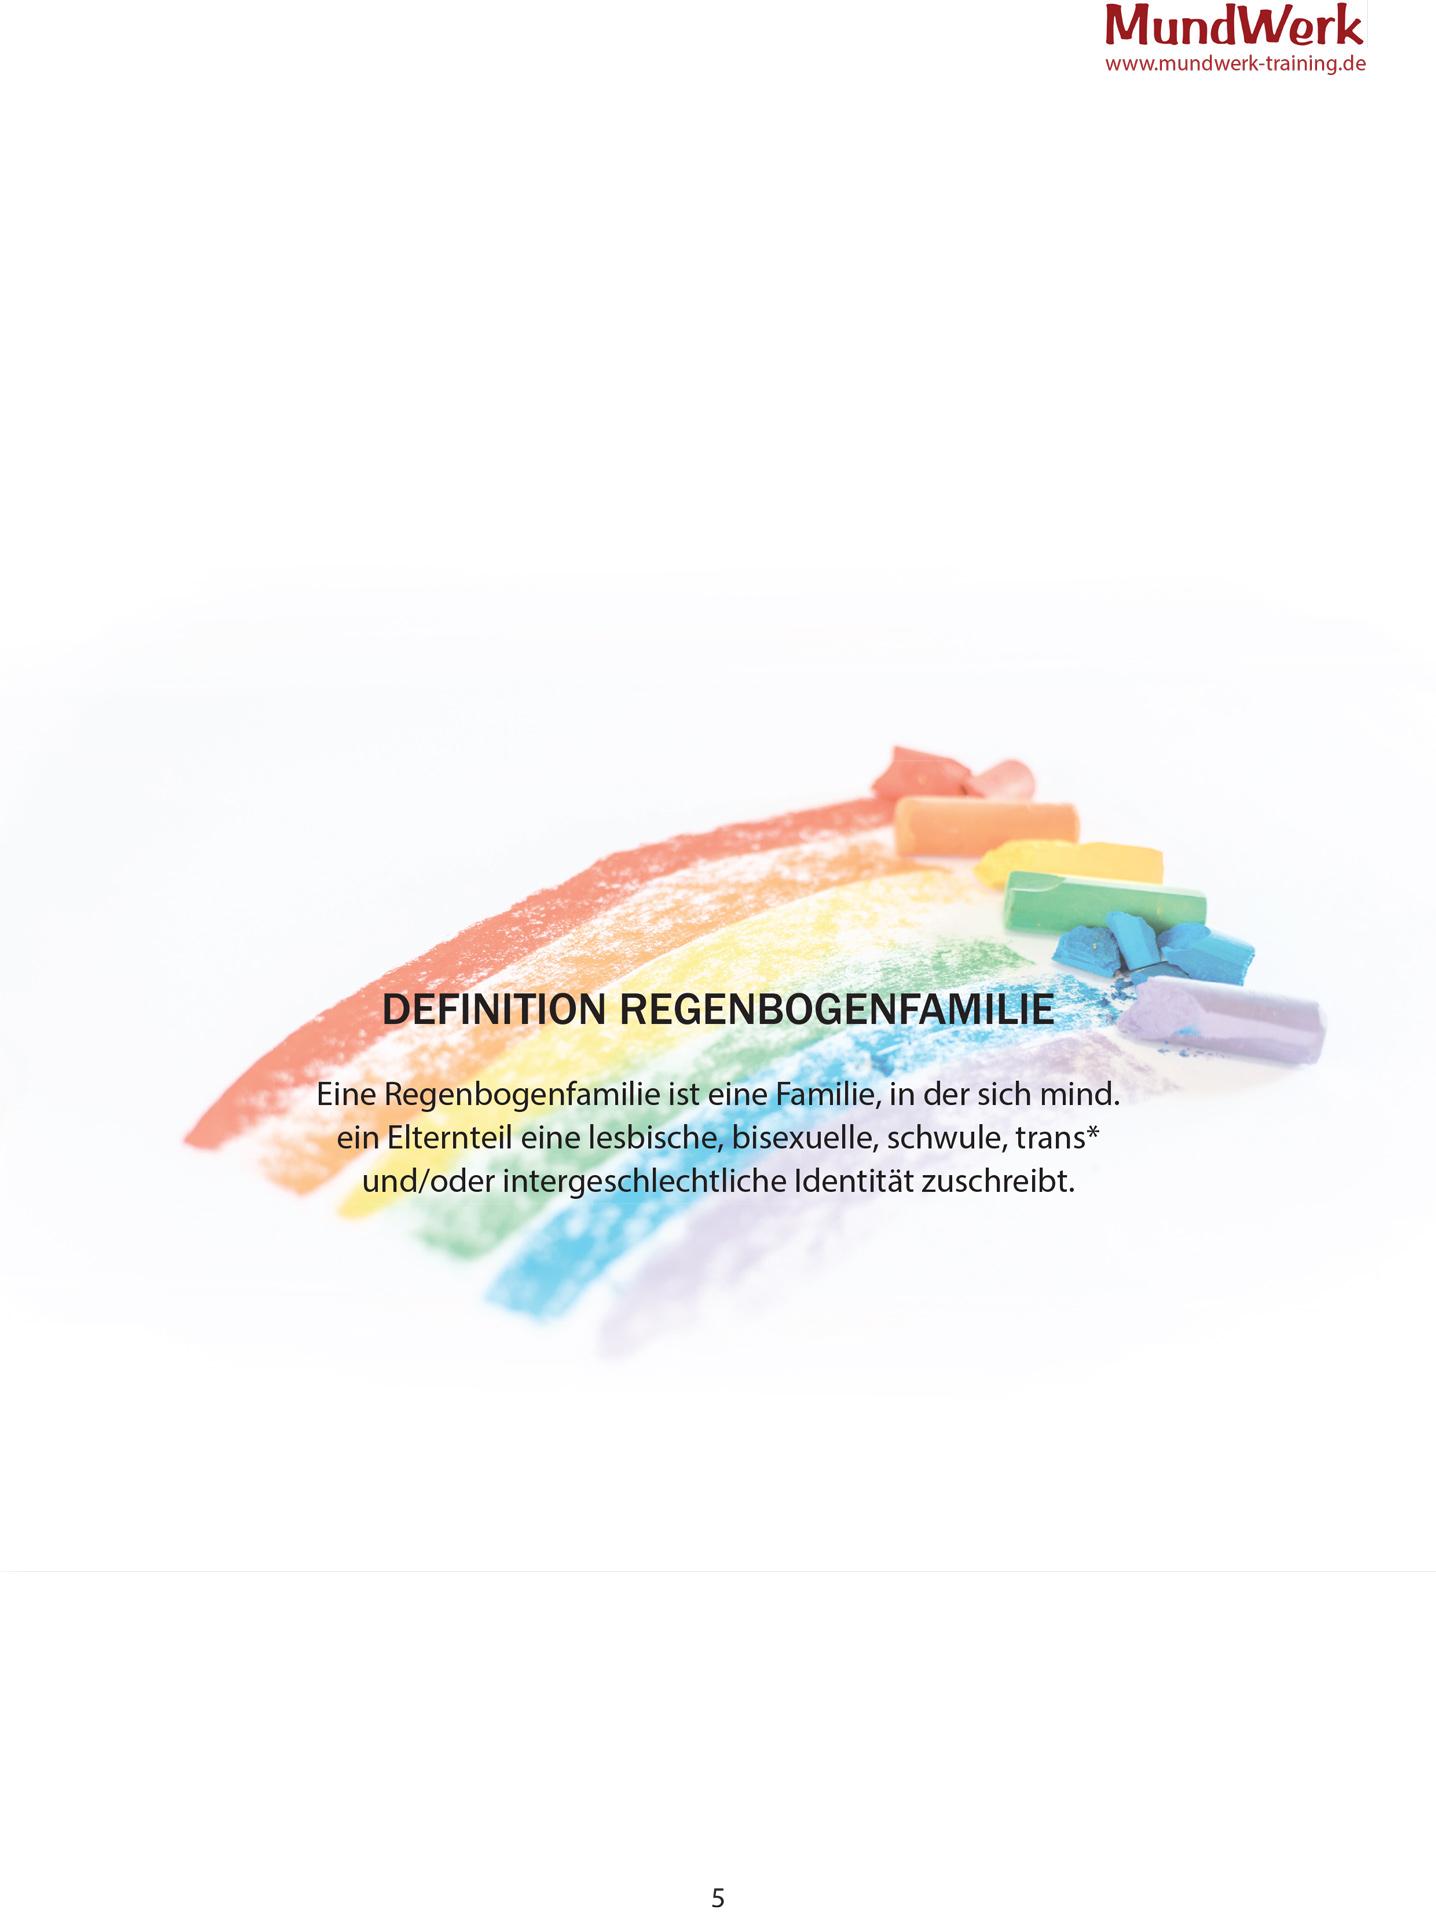 Beispielseite aus dem Workbook: Definition Regenbogenfamilie